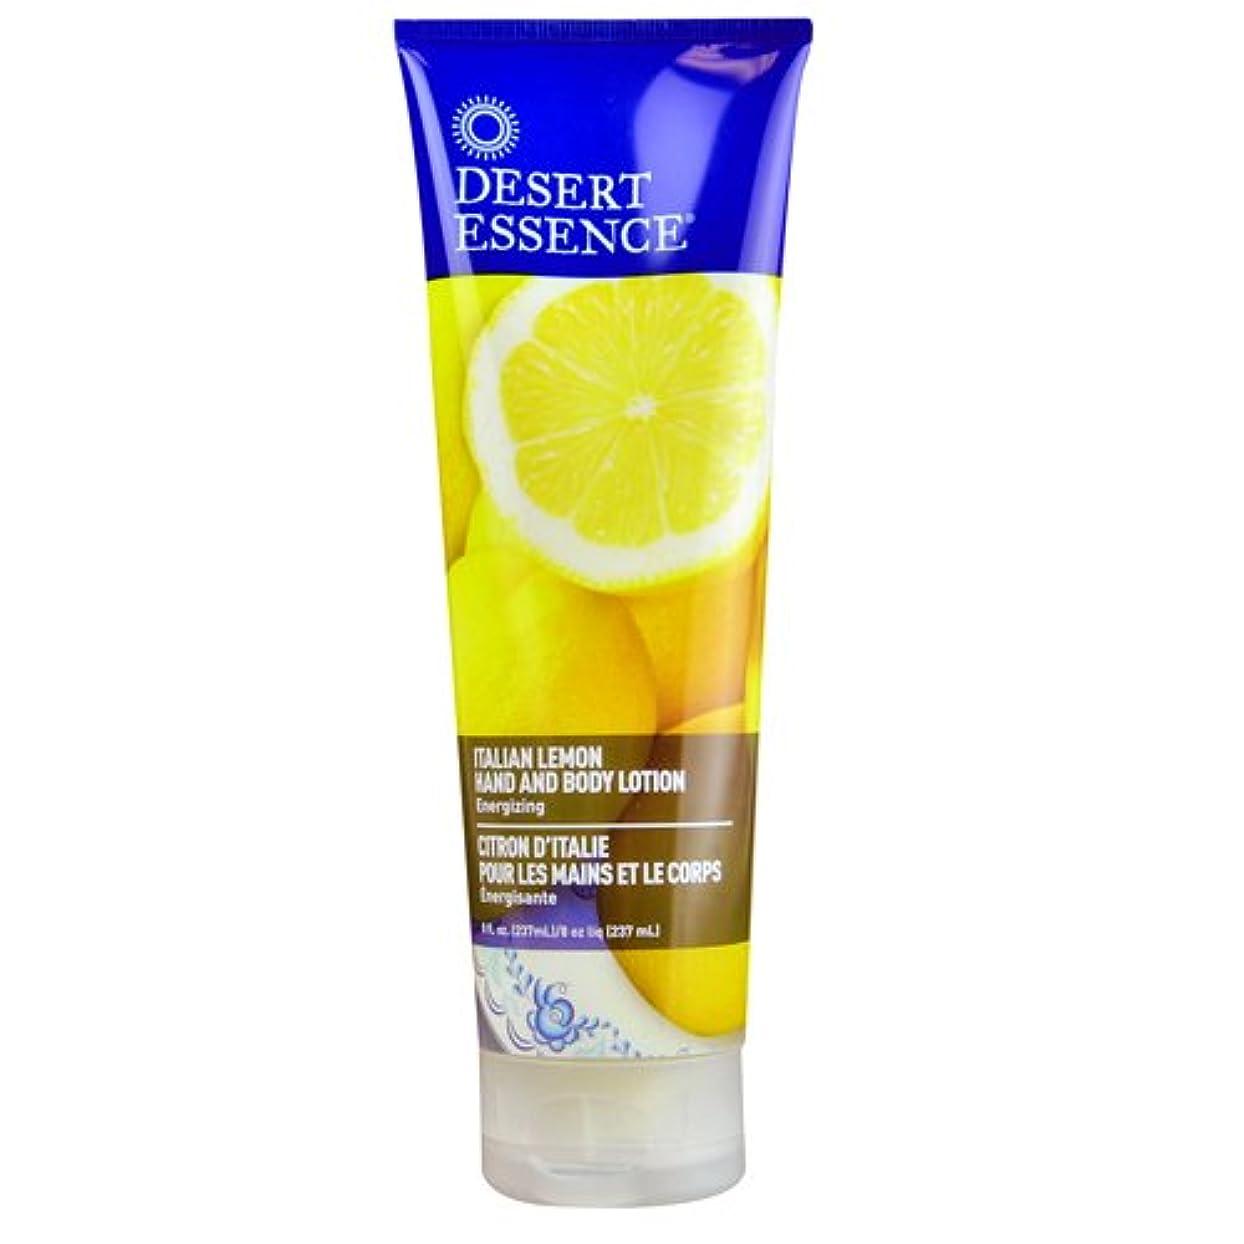 エレクトロニックカップル砂のDesert Essence, Hand and Body Lotion, Italian Lemon, 8 fl oz (237 ml)